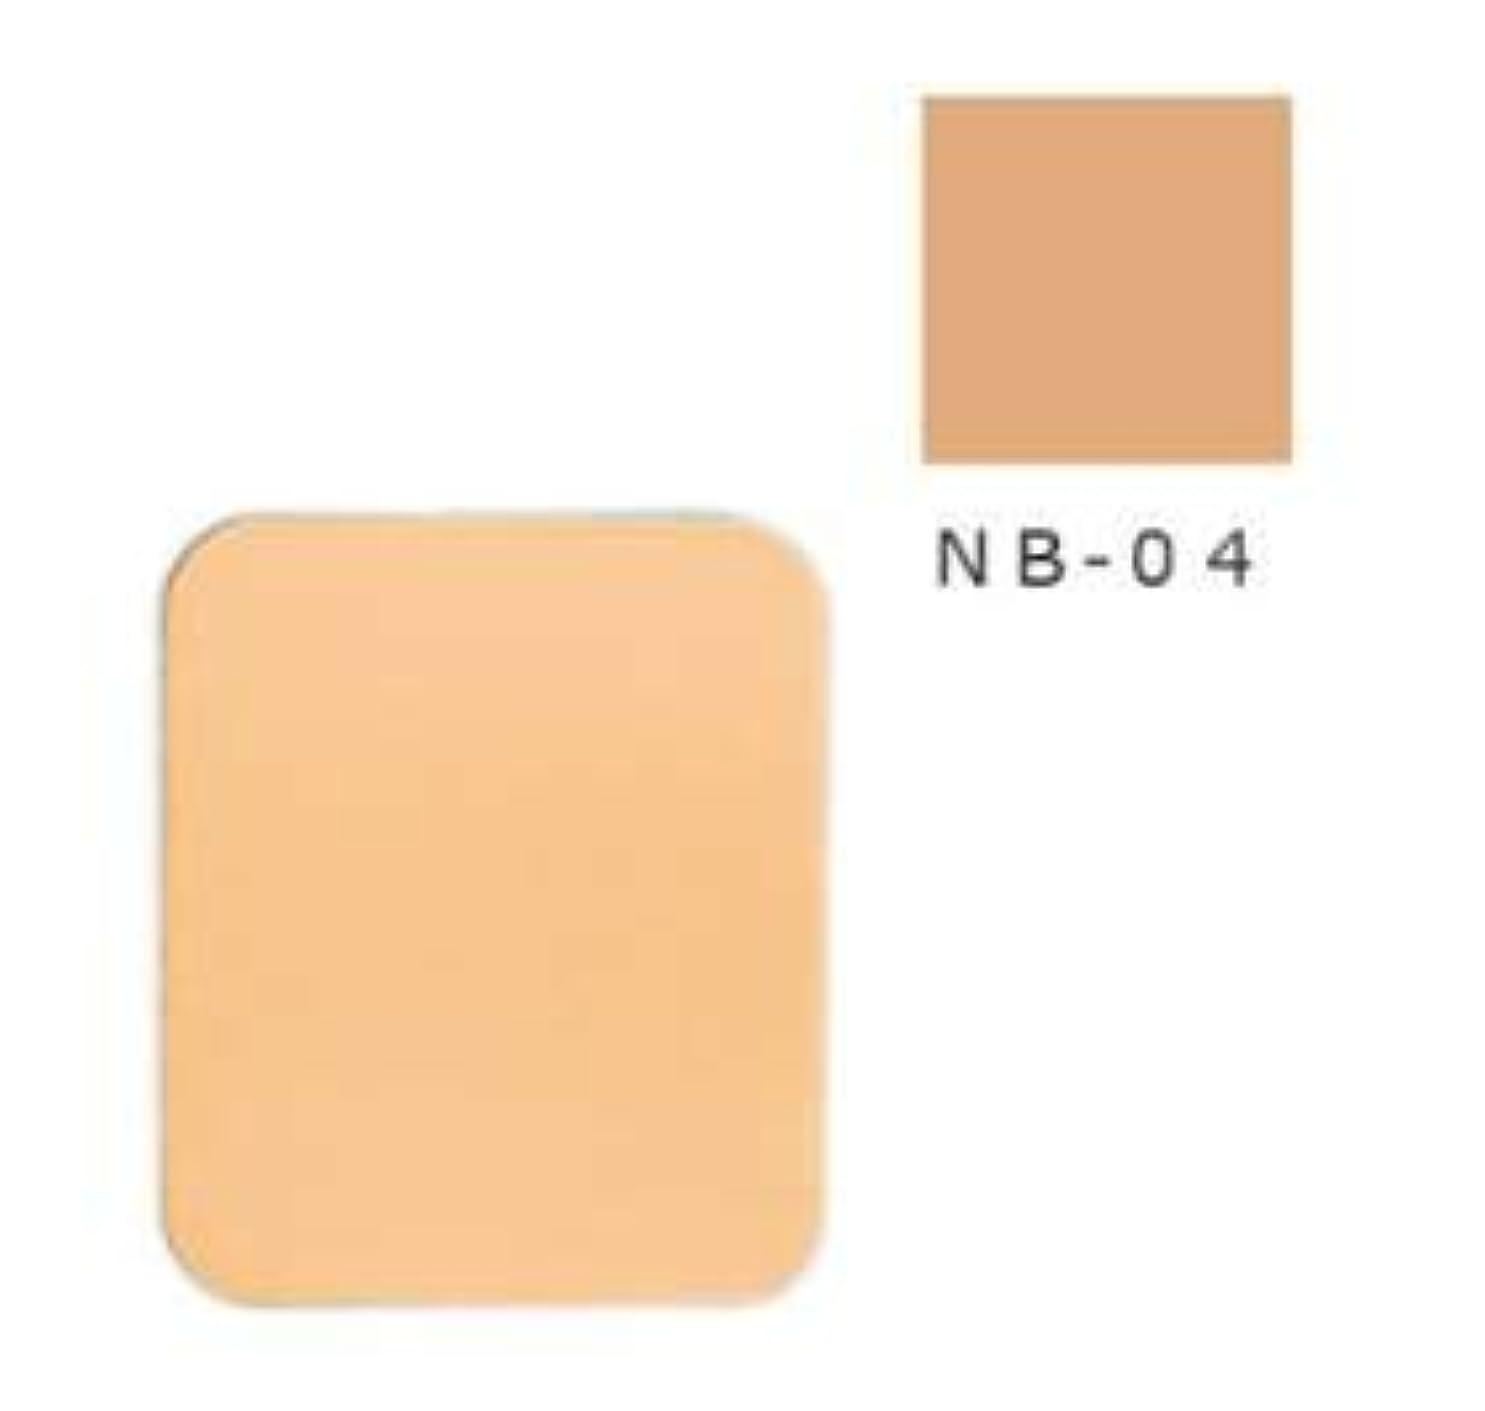 コンバーチブル混合した解体するノエビア レイセラ プロテクターUV ファンデーション NB-04 <レフィルのみ>(12g)